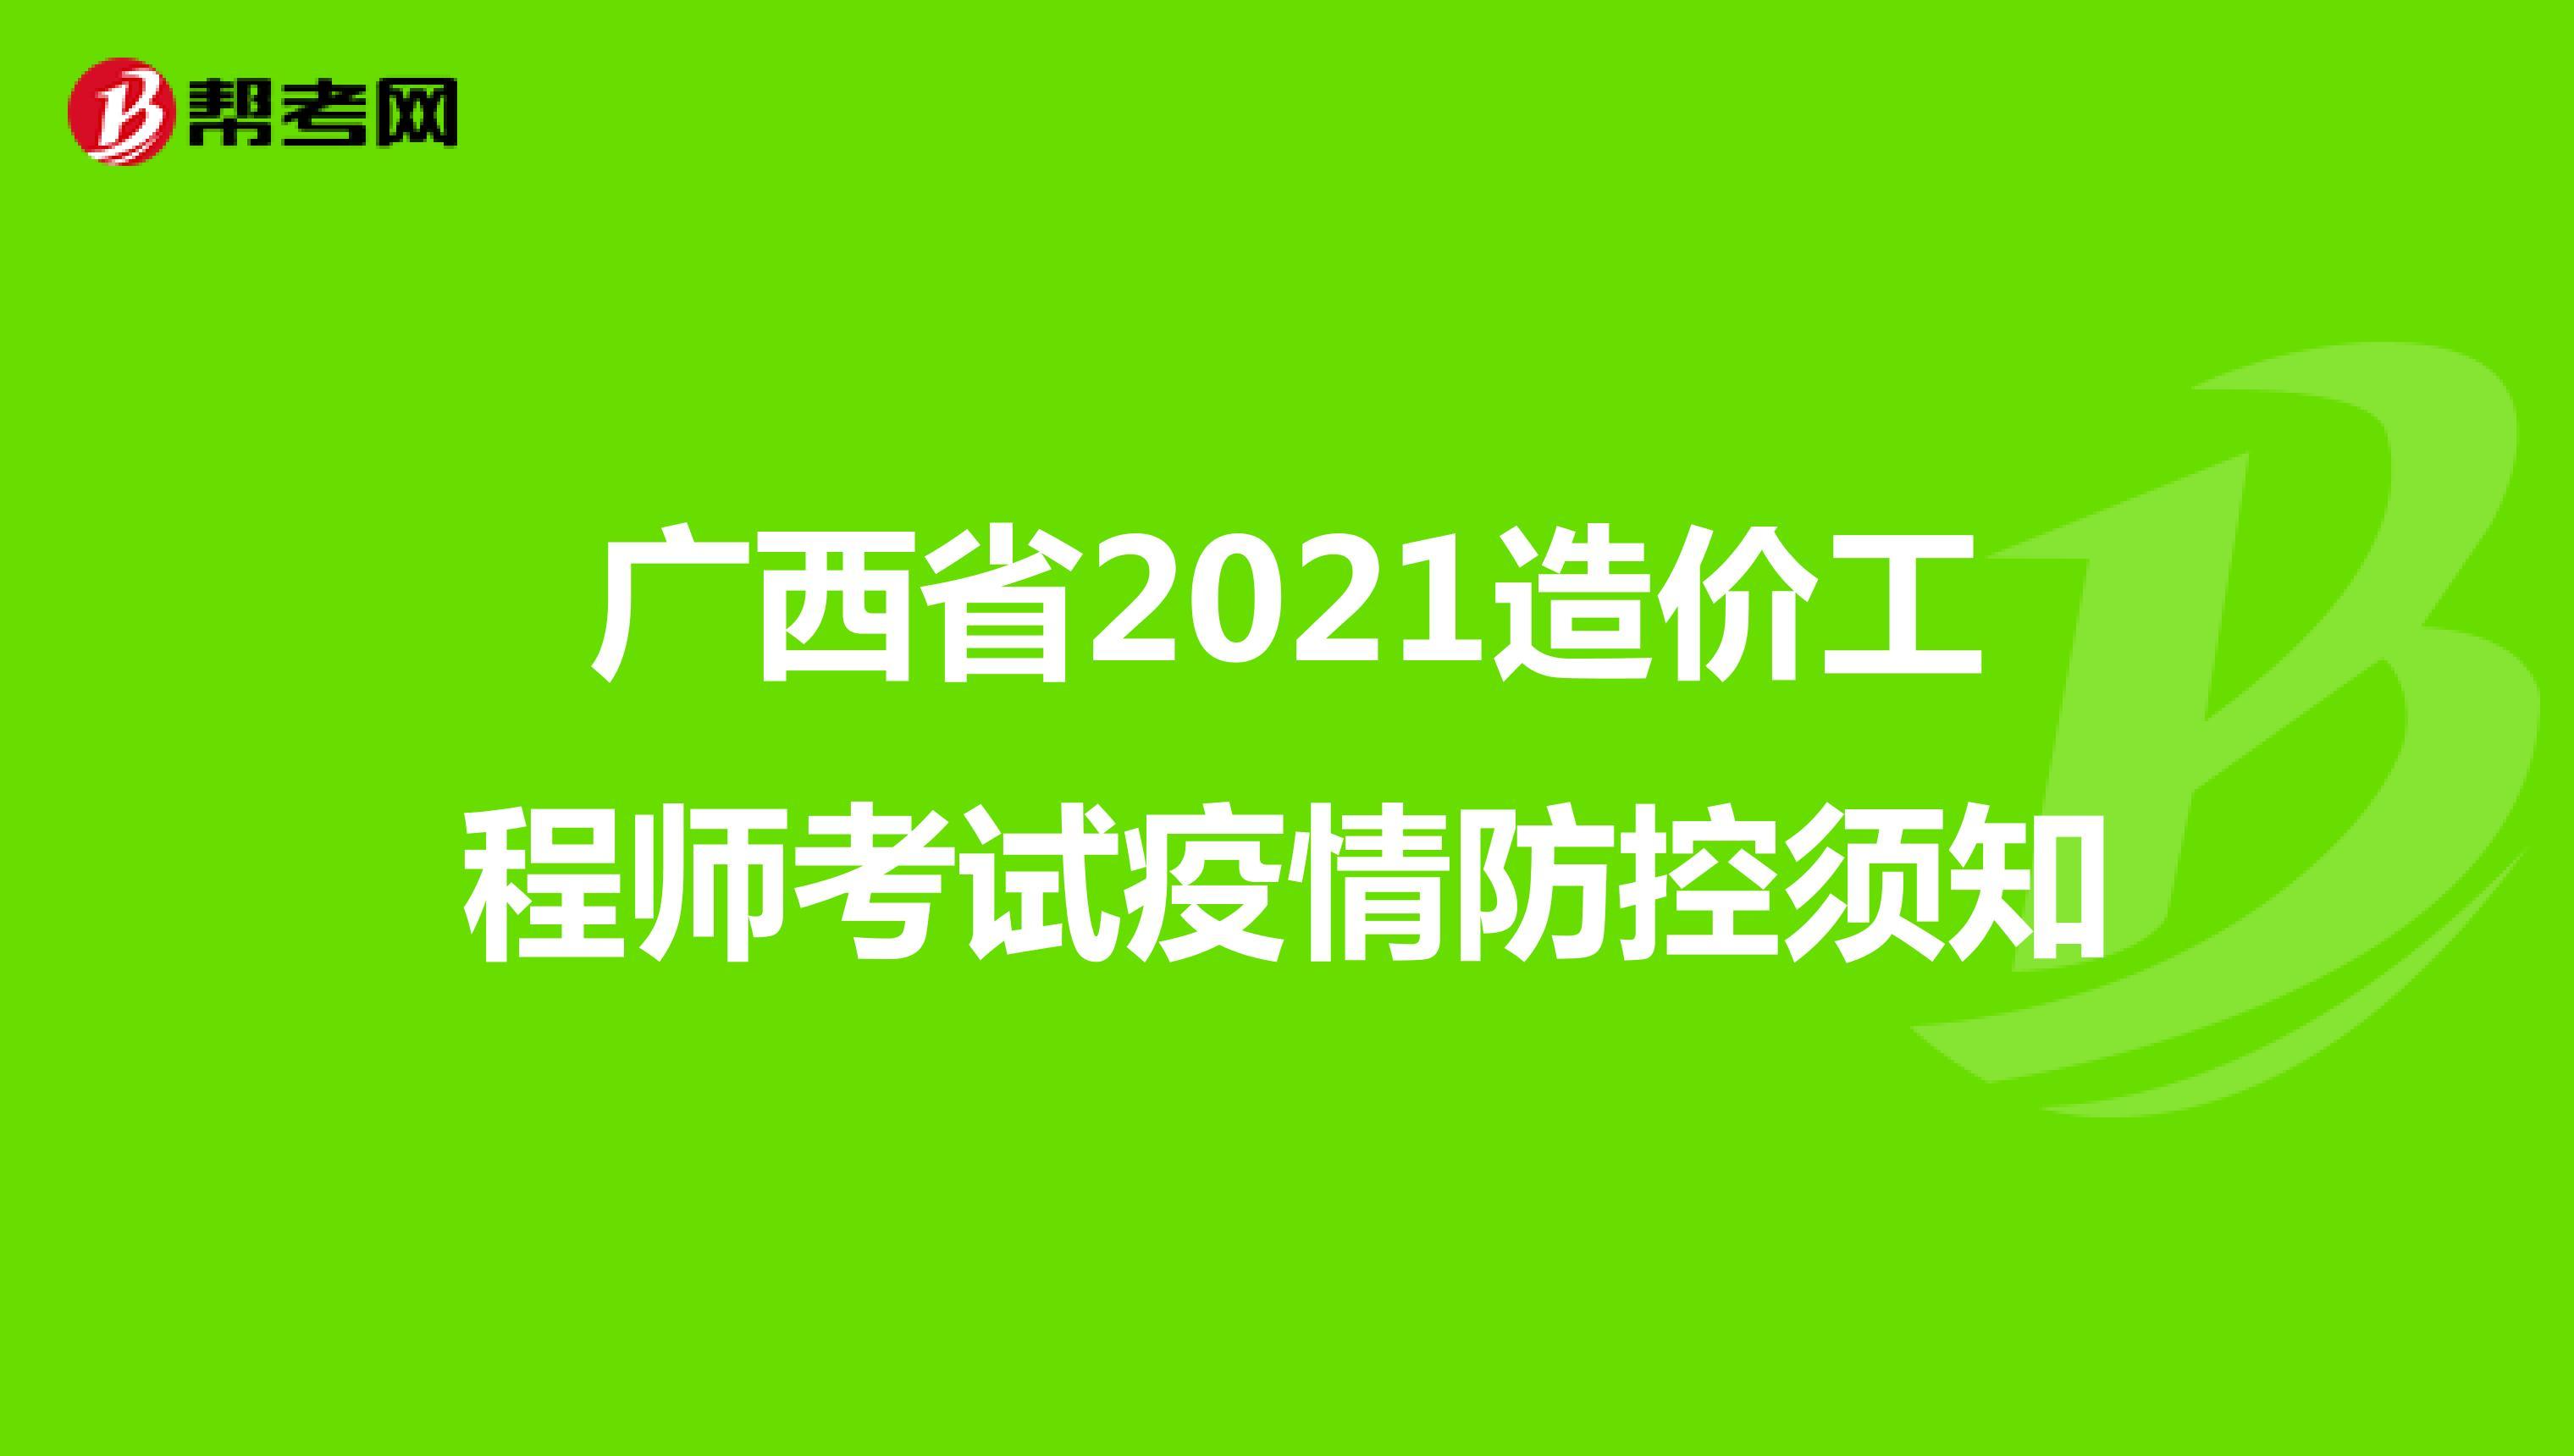 广西省2021造价工程师考试疫情防控须知